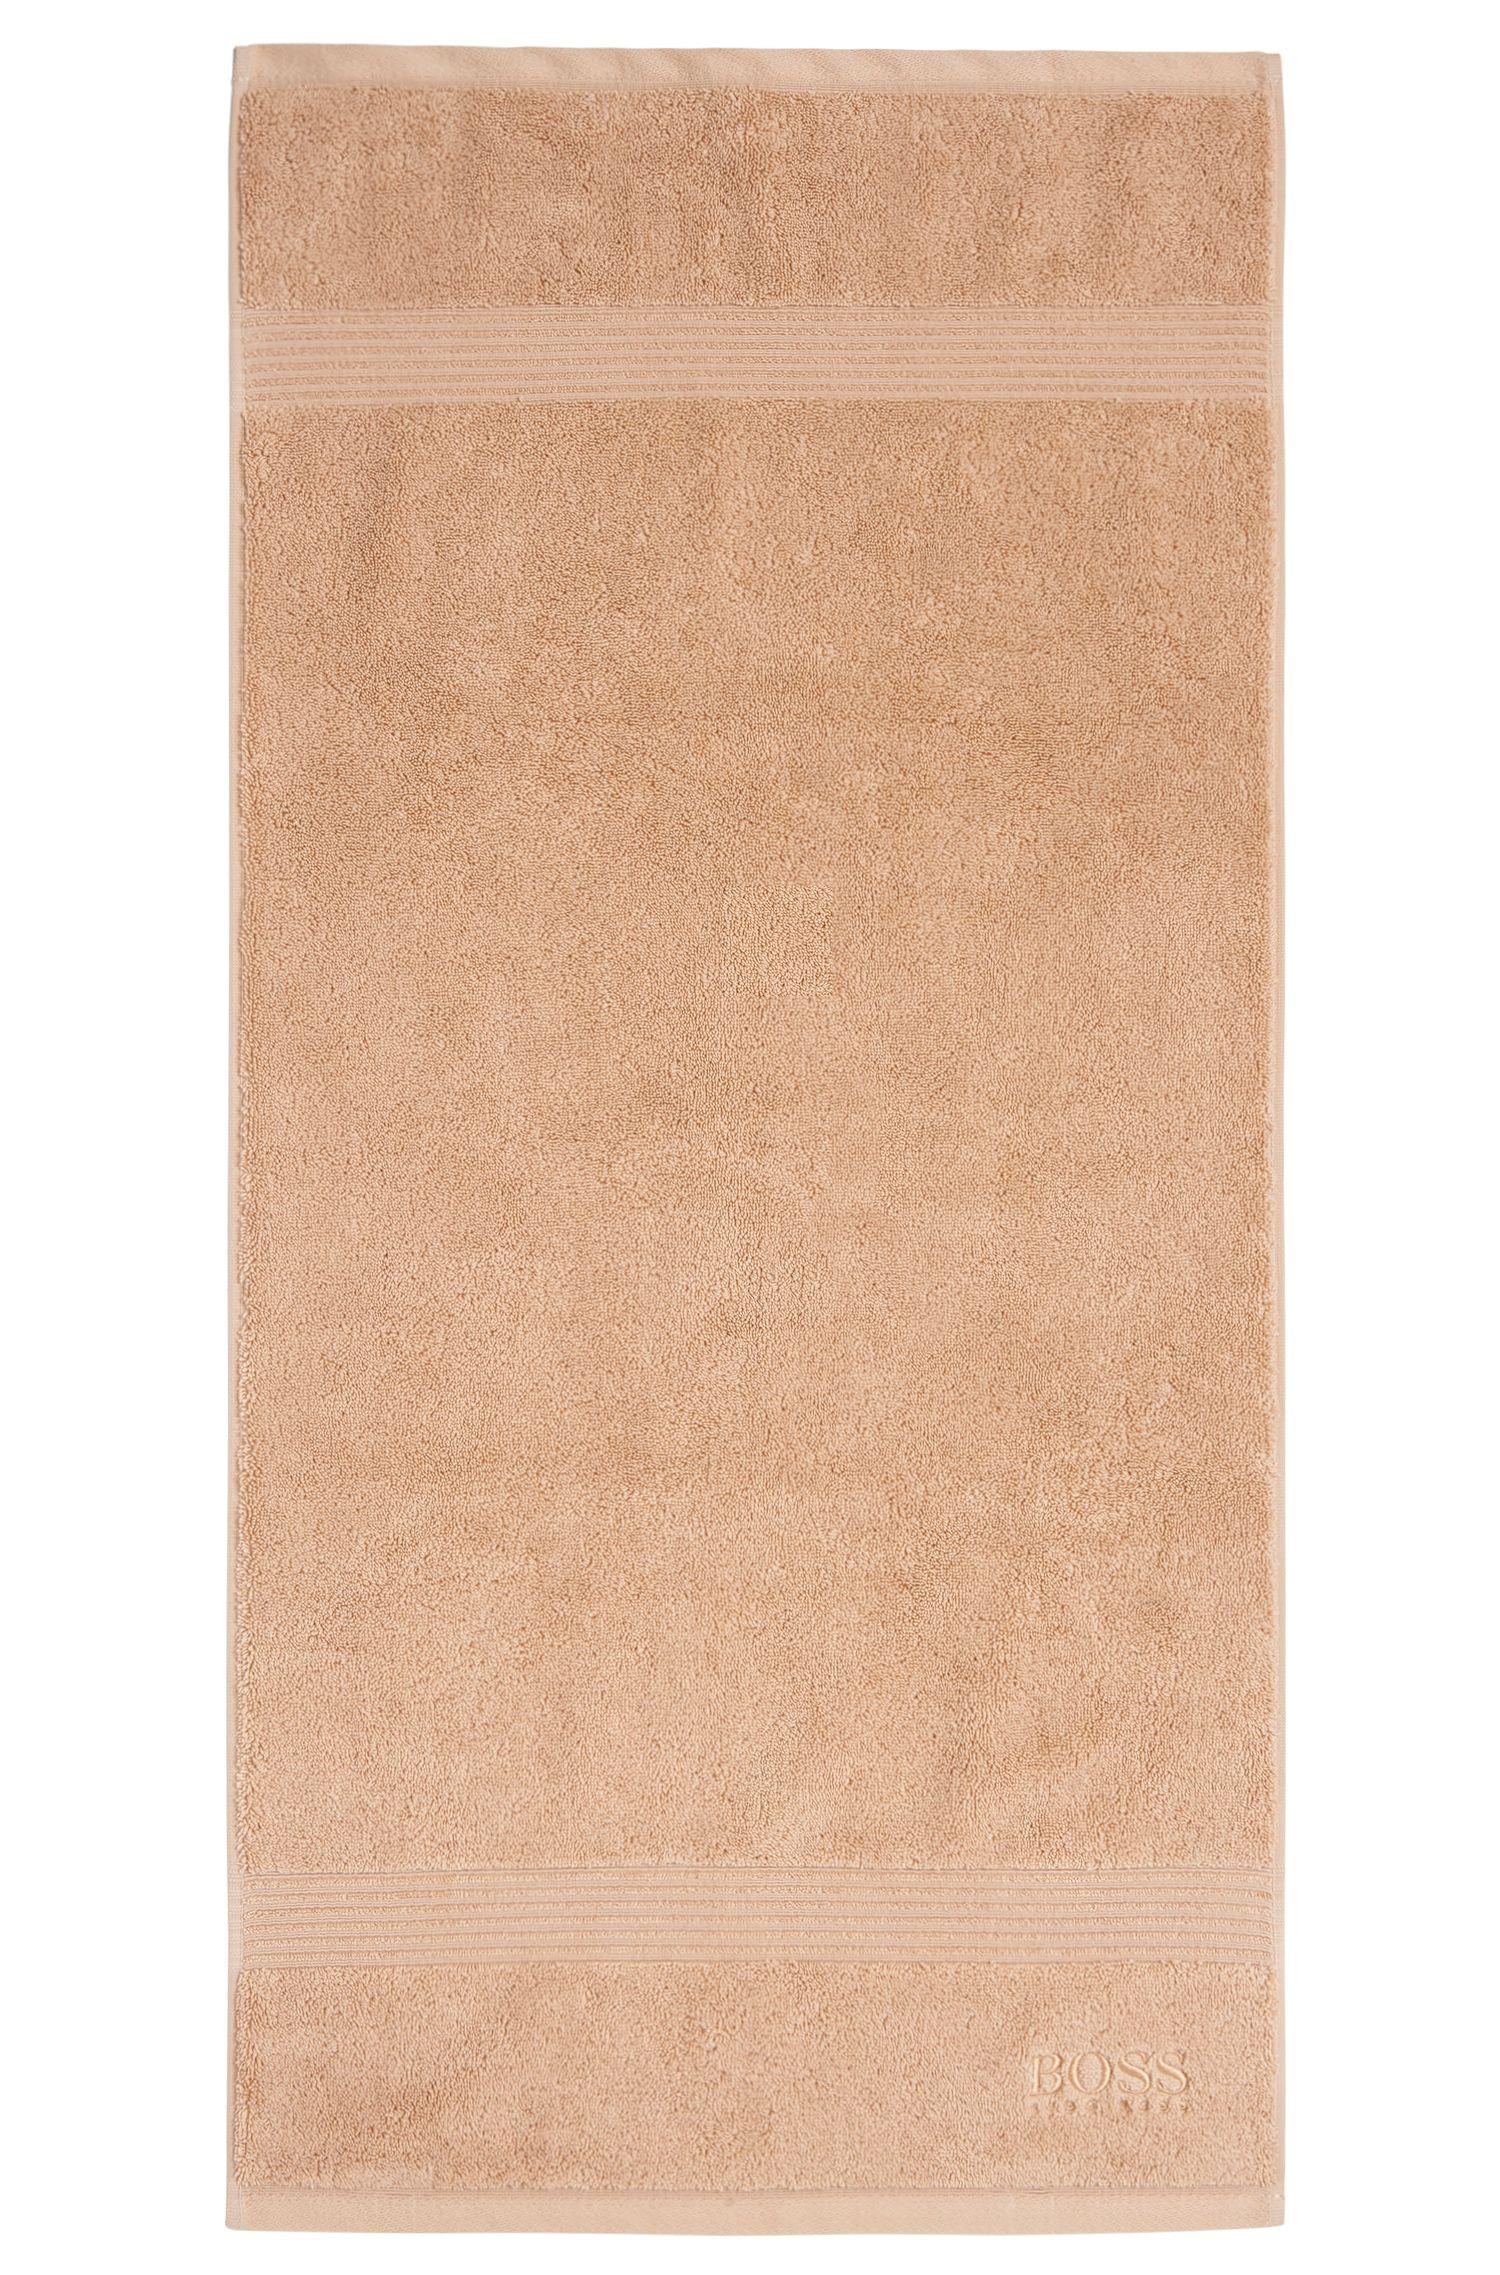 Hand towel ´Loft Serviette toile`, cotton terry